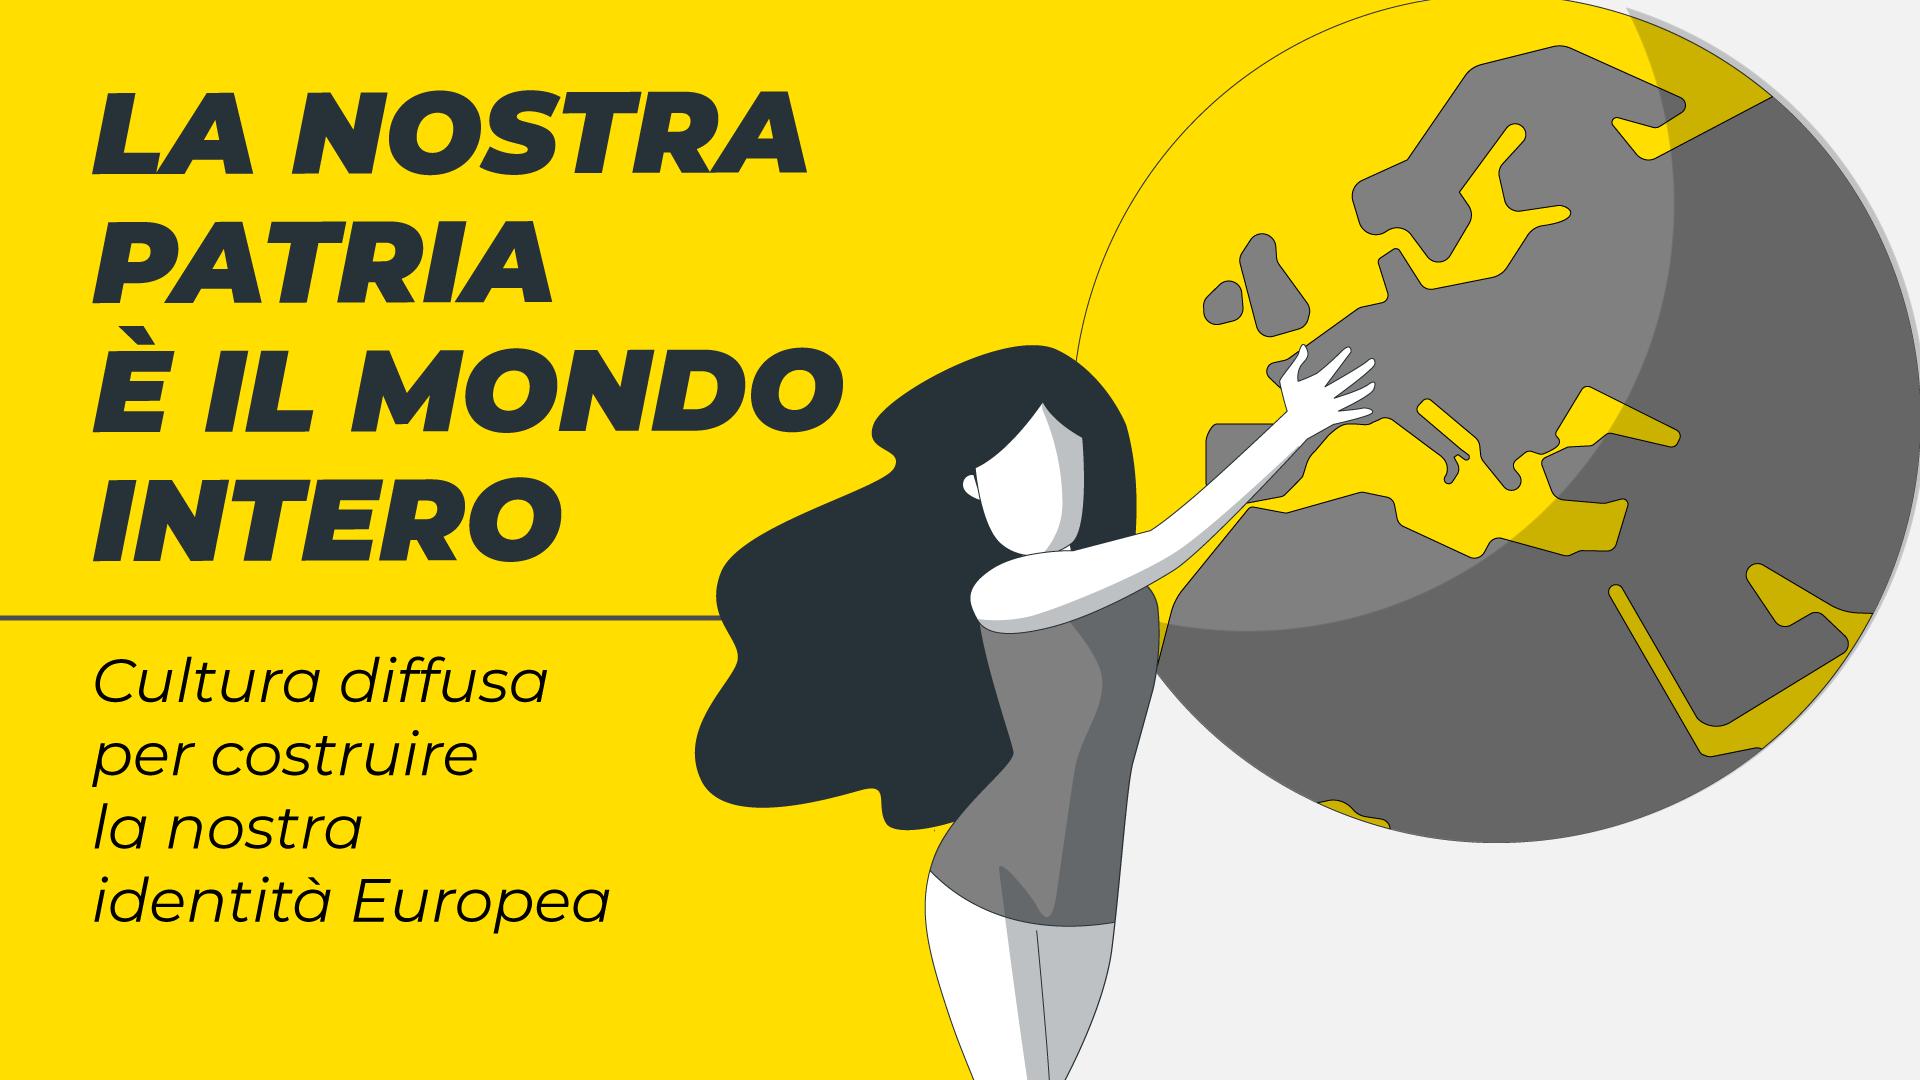 cittadinanza europea: immagine del progetto la nostra patria è il mondo intero